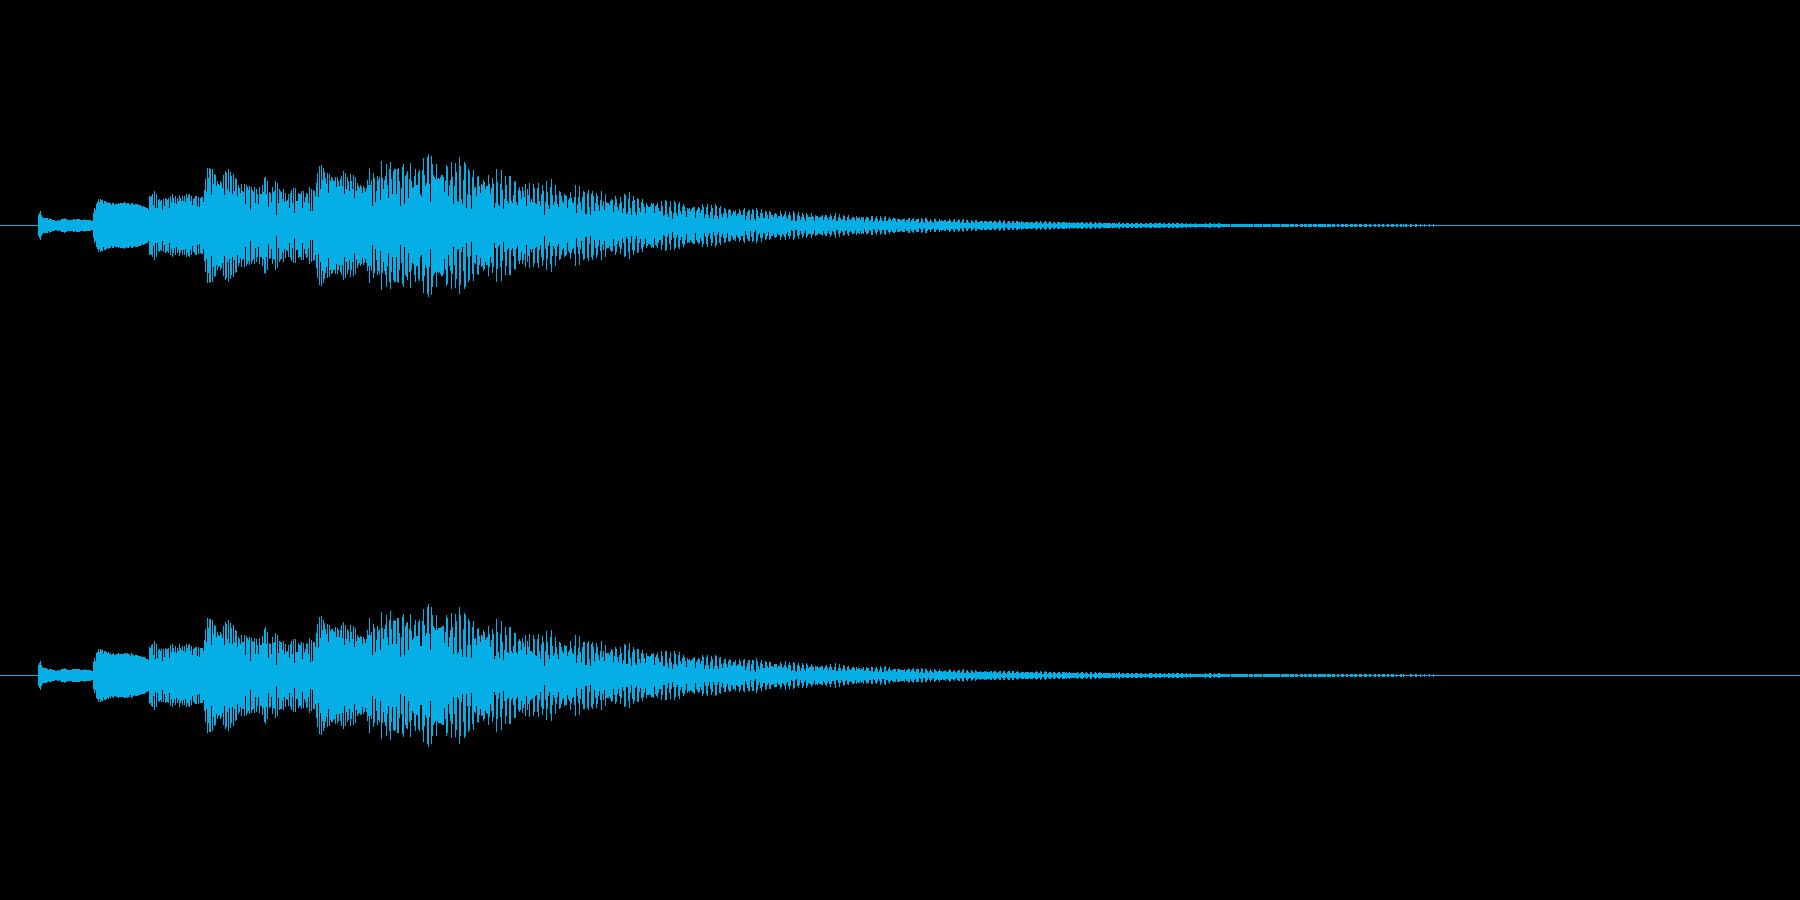 綺麗なチェレスタ下降音/キラキラキラ・・の再生済みの波形